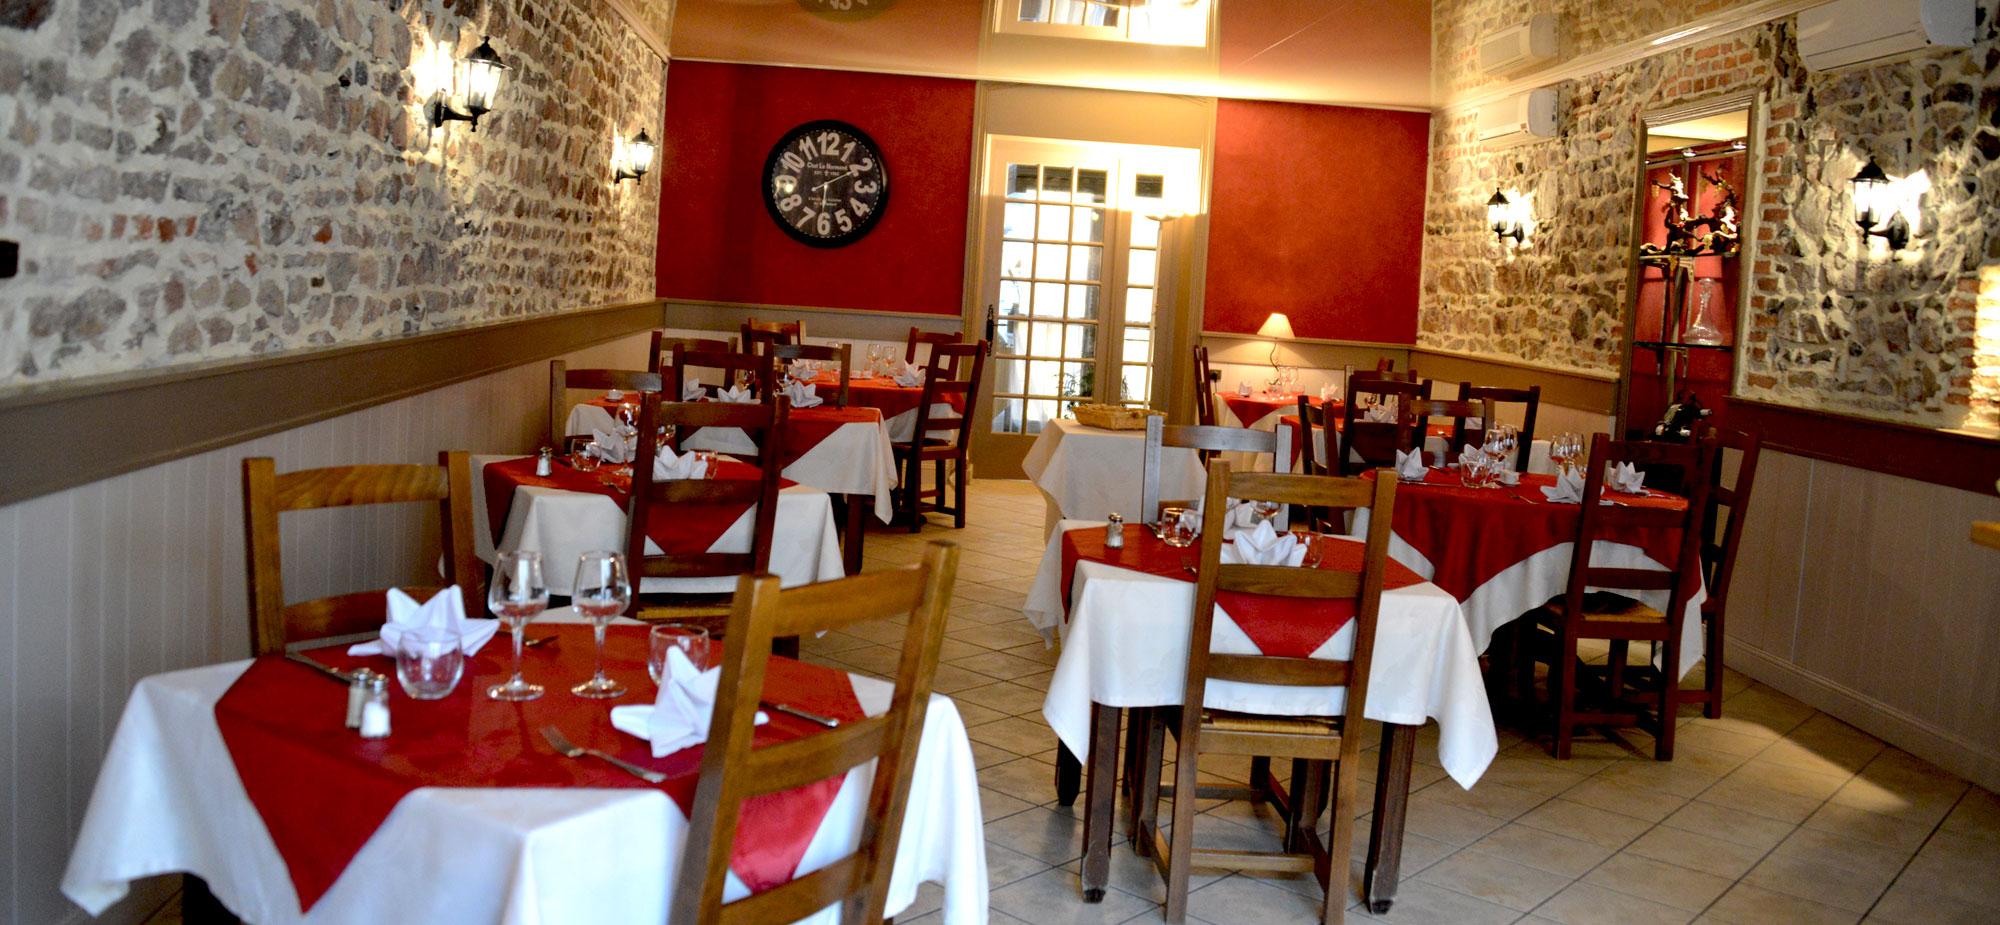 Restaurant La Chaumiere Menu Decouverte